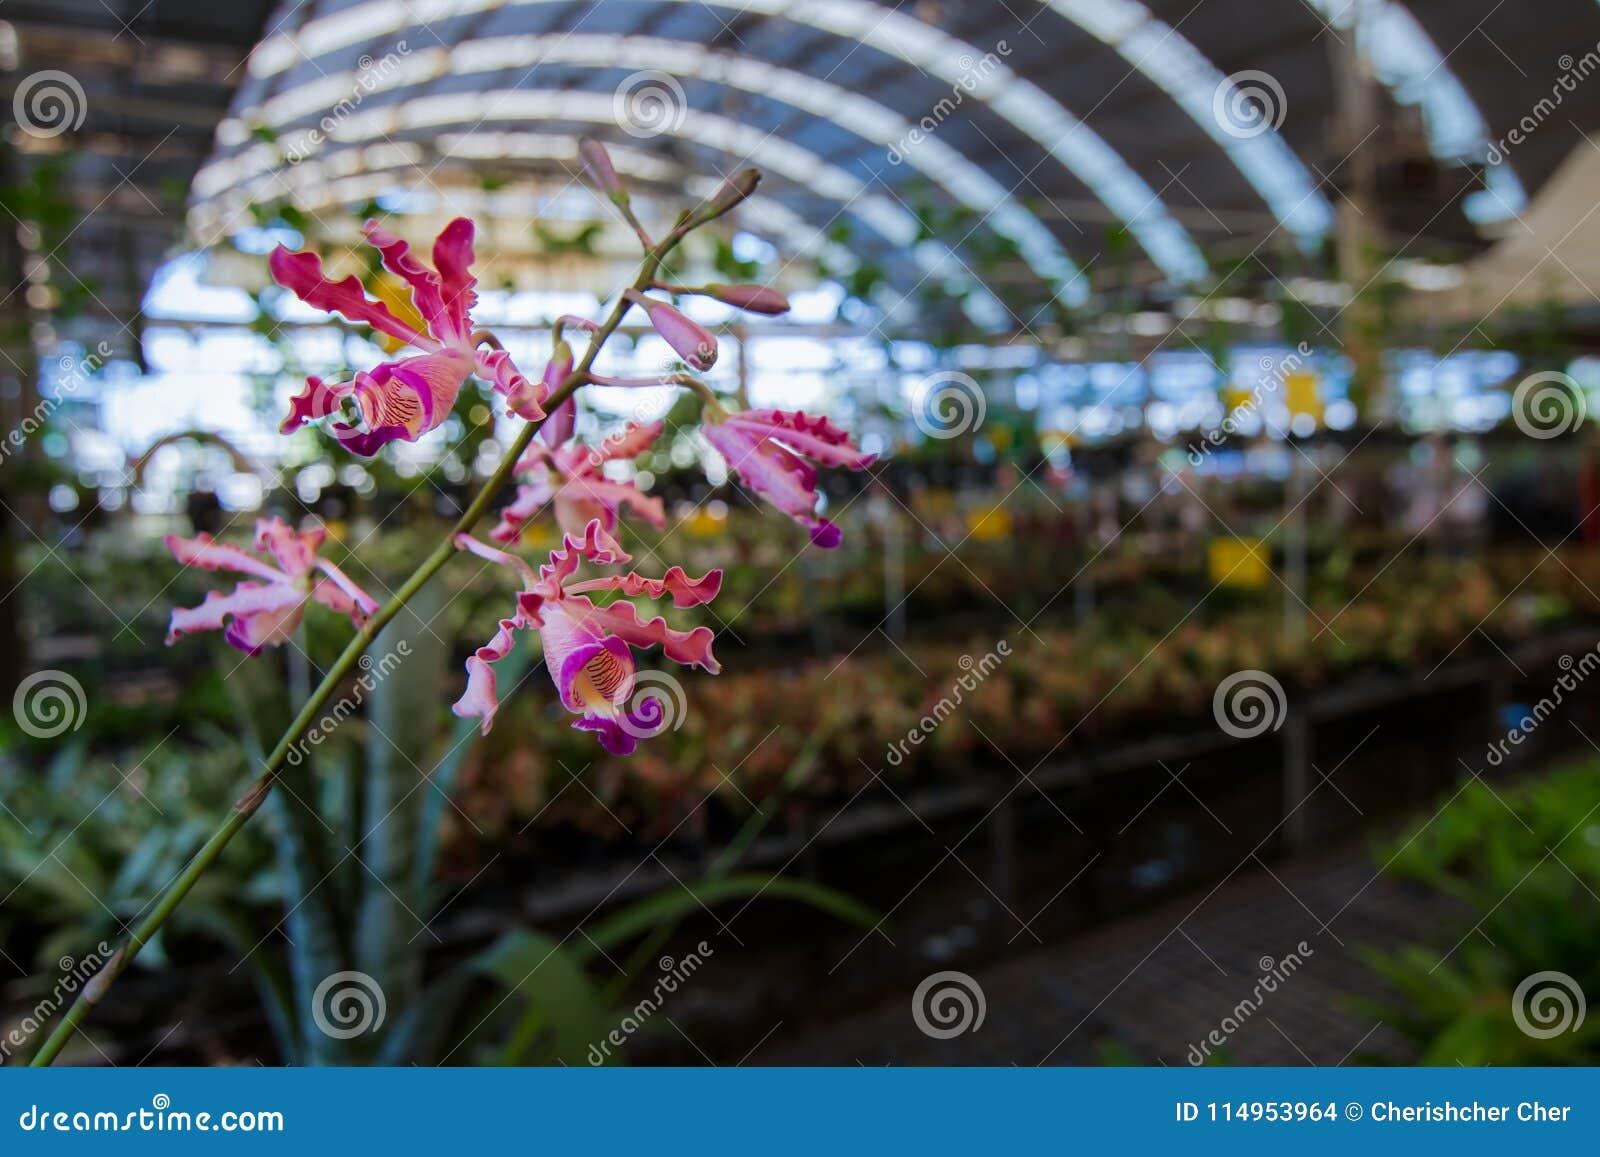 Фоновое изображение цветков орхидеи на ферме там космос для входного сигнала текста цветок нерезкости предпосылки внутрь как взгл